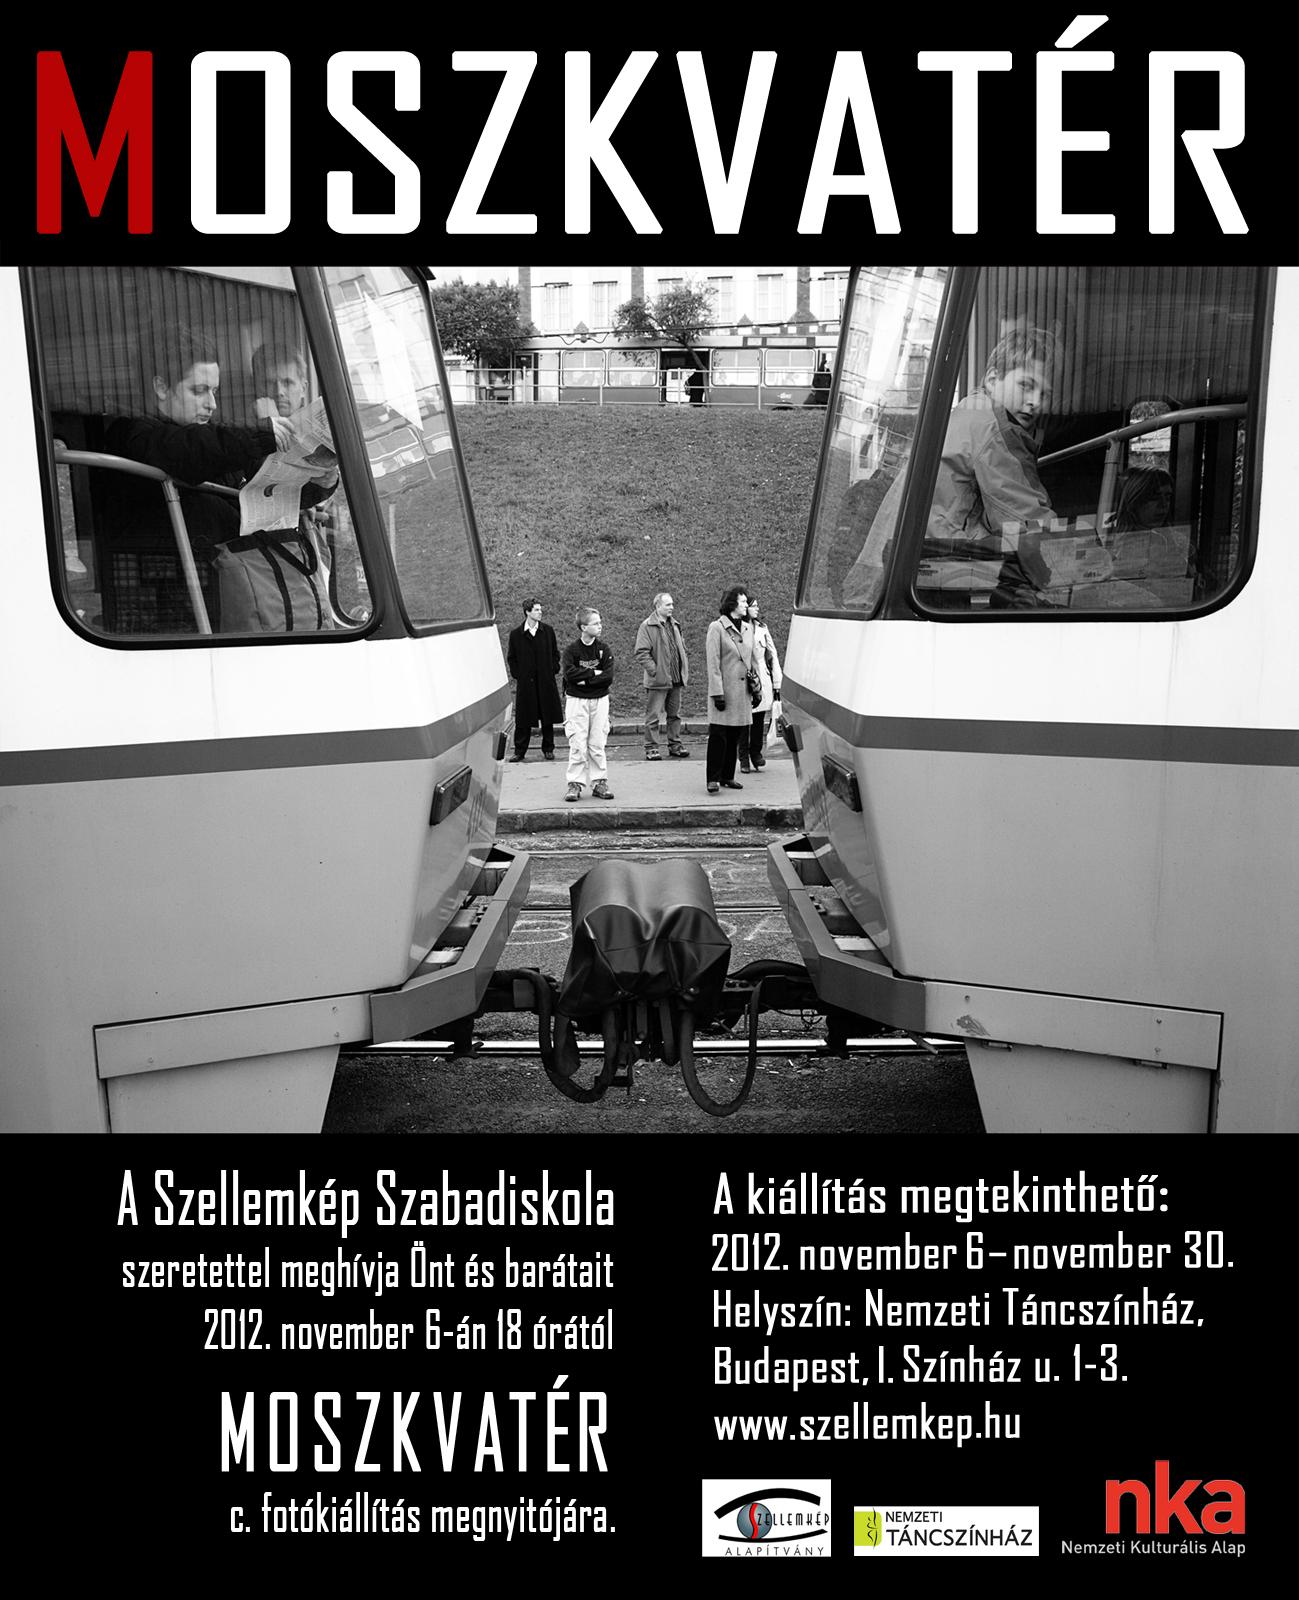 Moszkvatér című fotókiállítás a Fotóhónap 2012 szervezésében